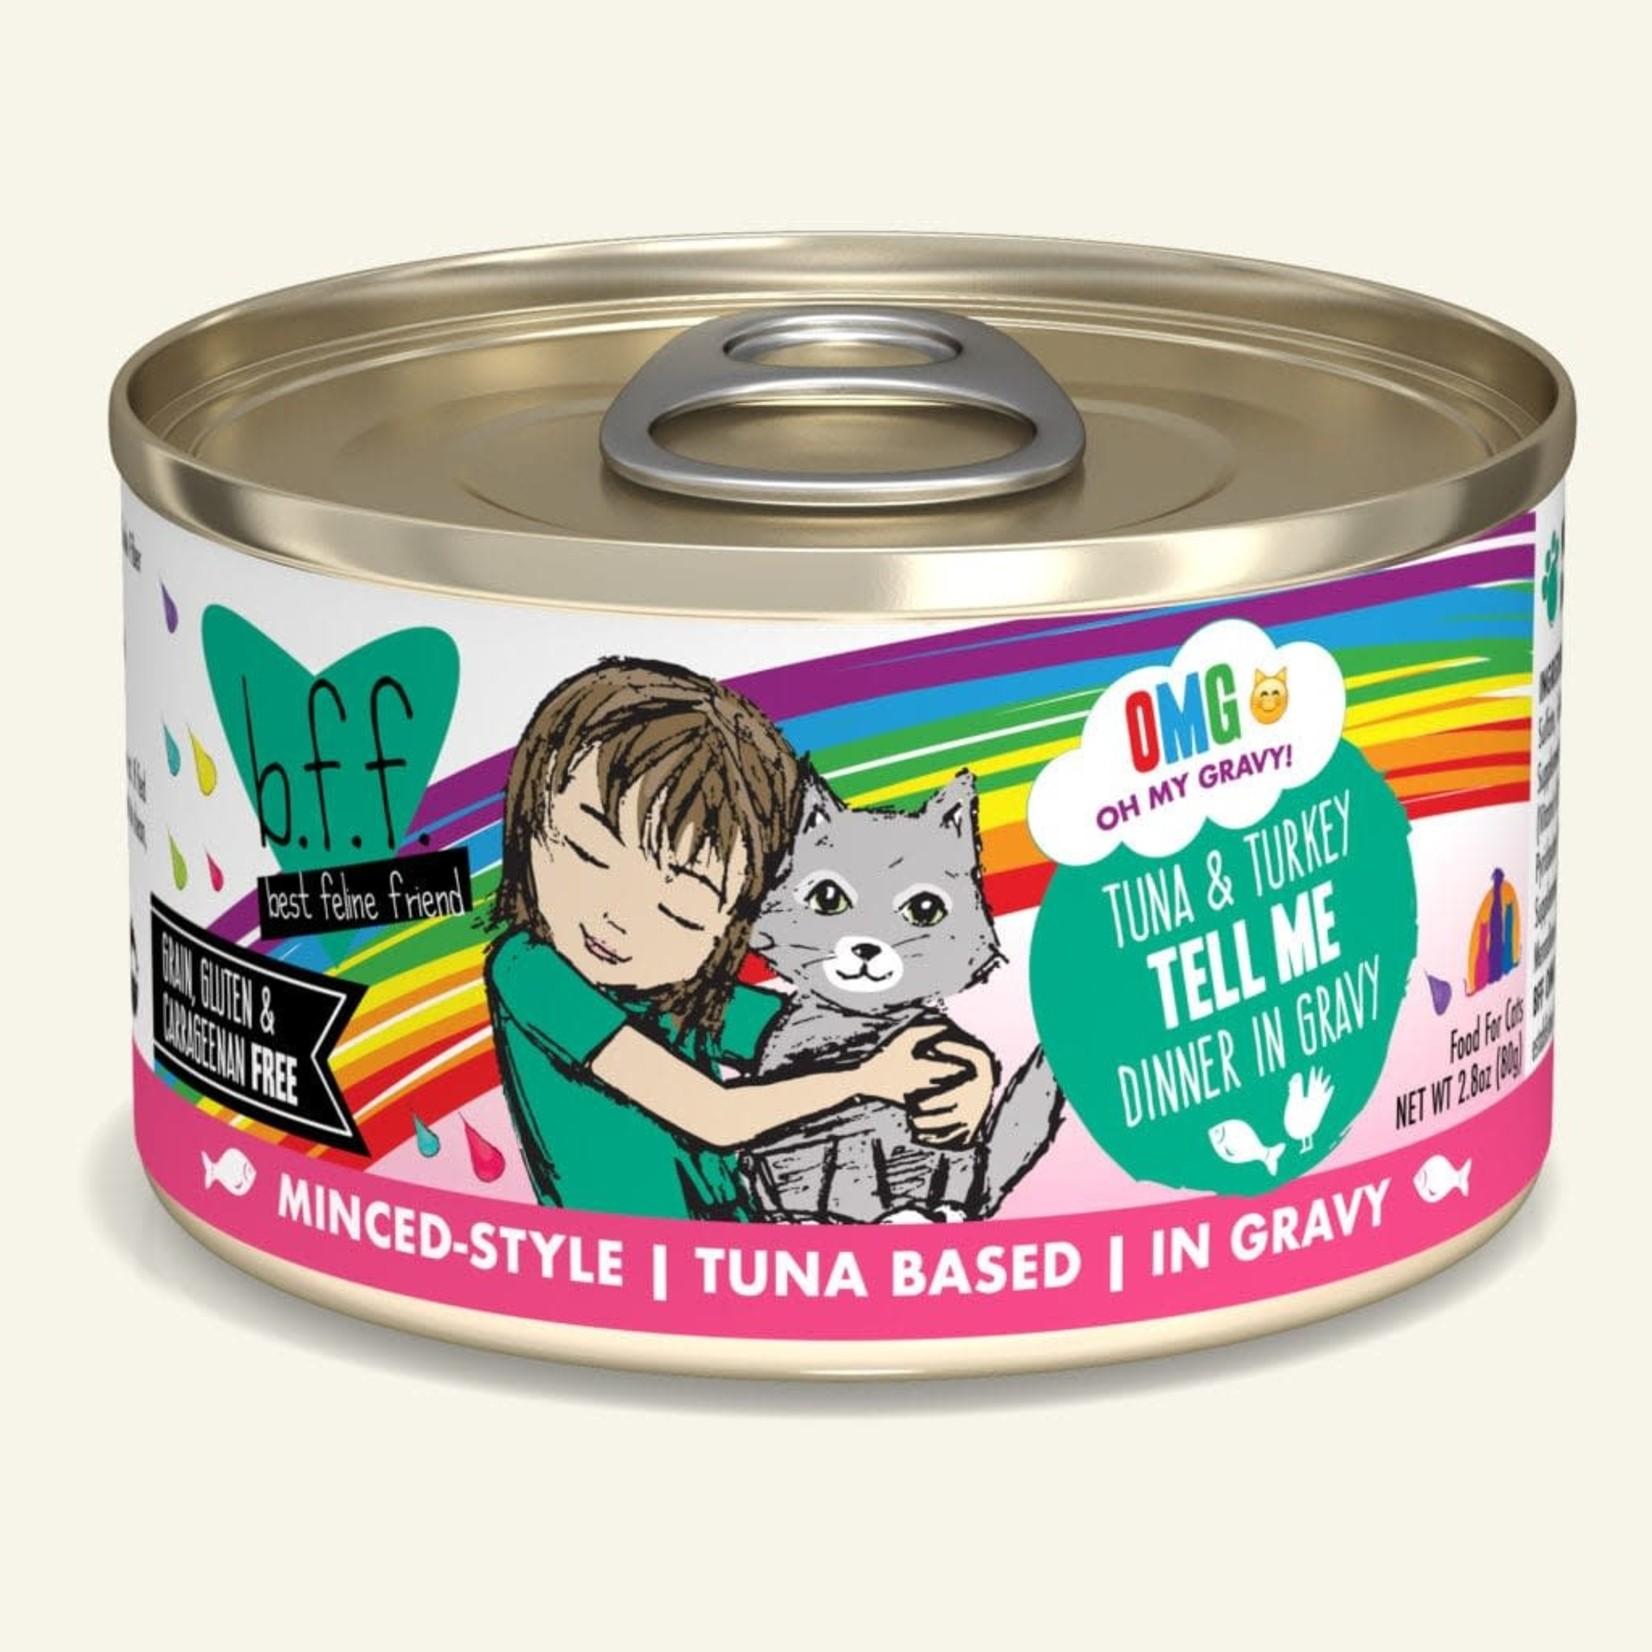 Weruva Inc. BFF OMG Cat Tuna & Turkey Tell Me 2.8 OZ